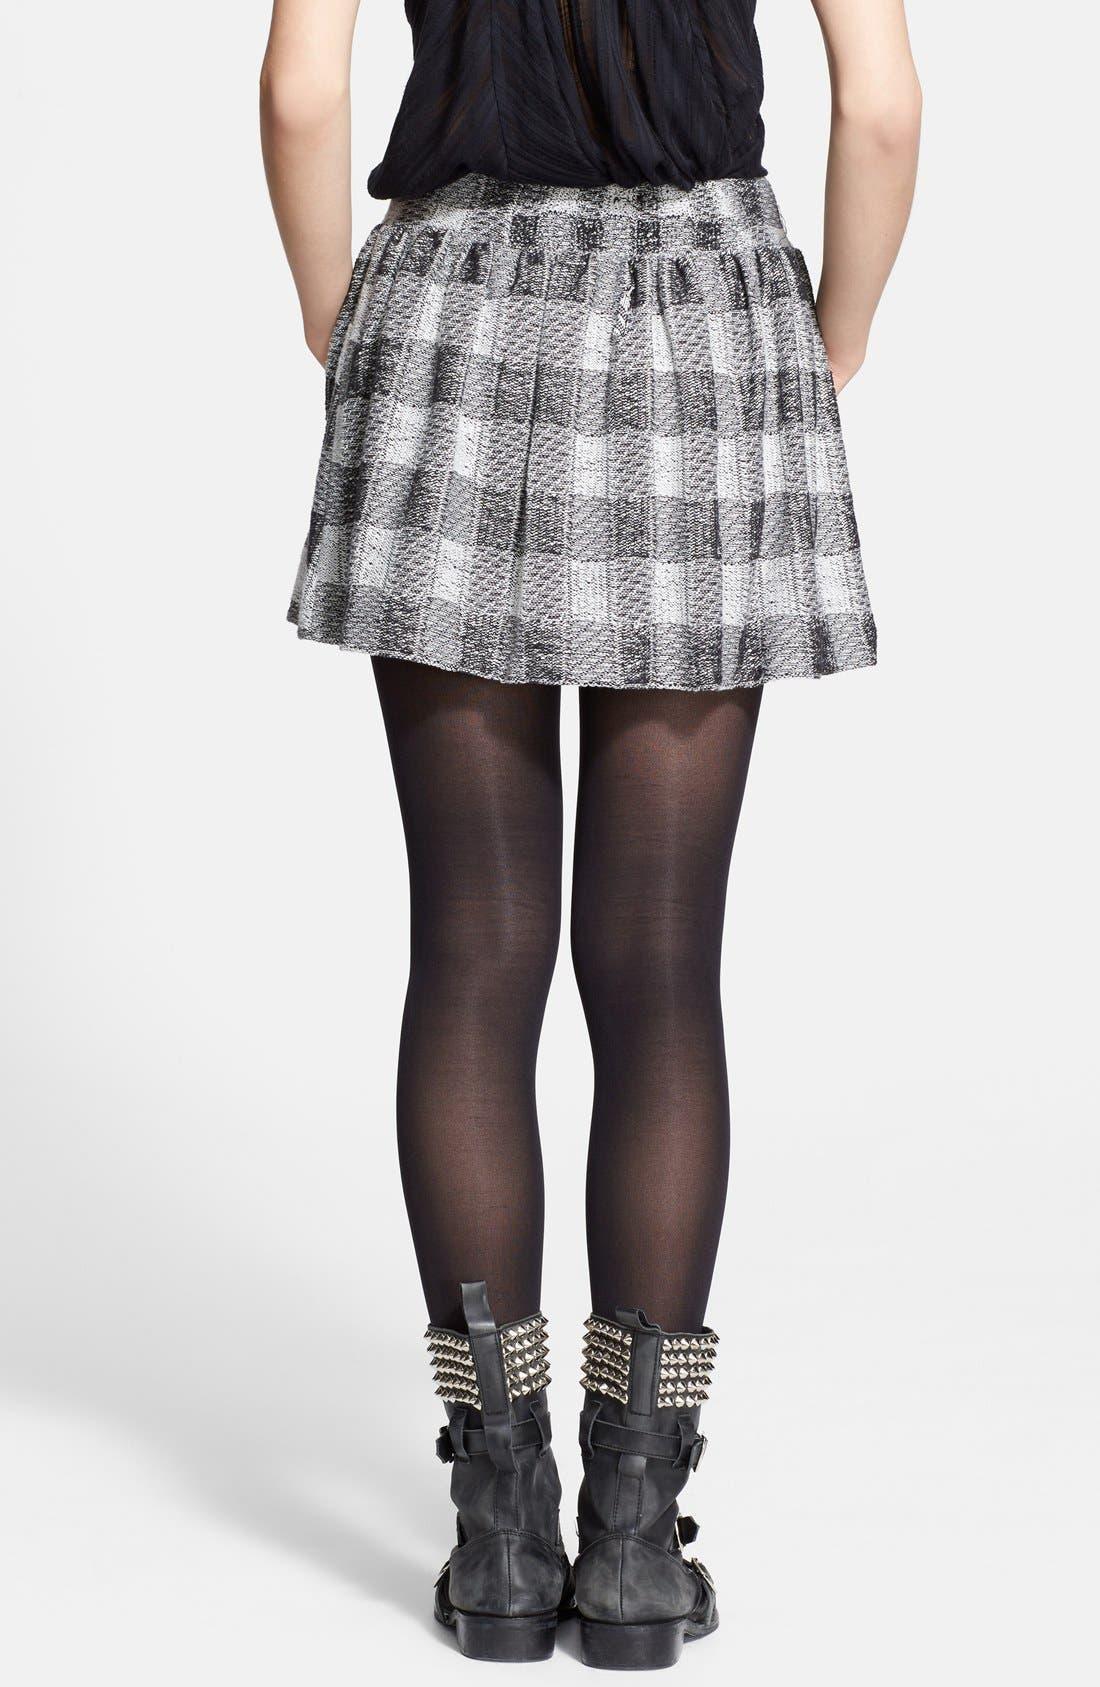 FREE PEOPLE, Plaid Flared Miniskirt, Alternate thumbnail 3, color, 001